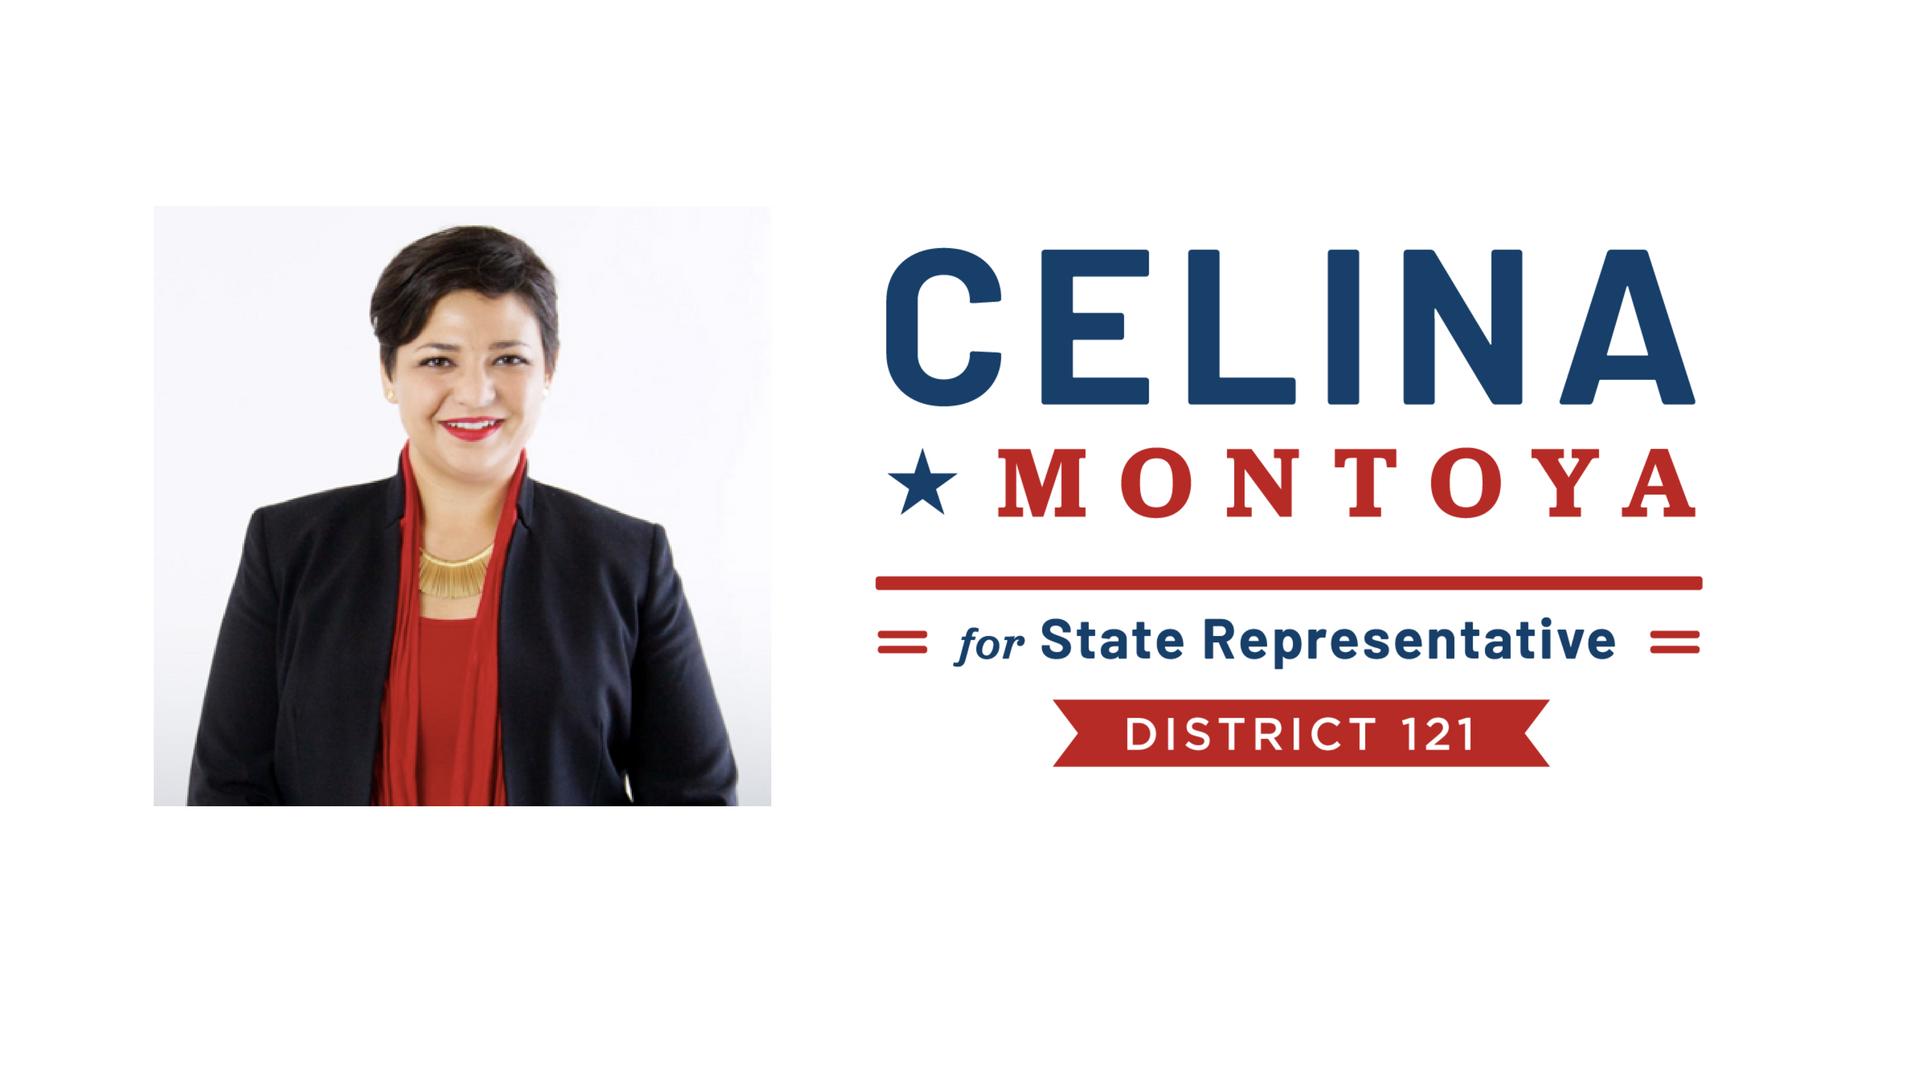 www.CelinaMontoya.org